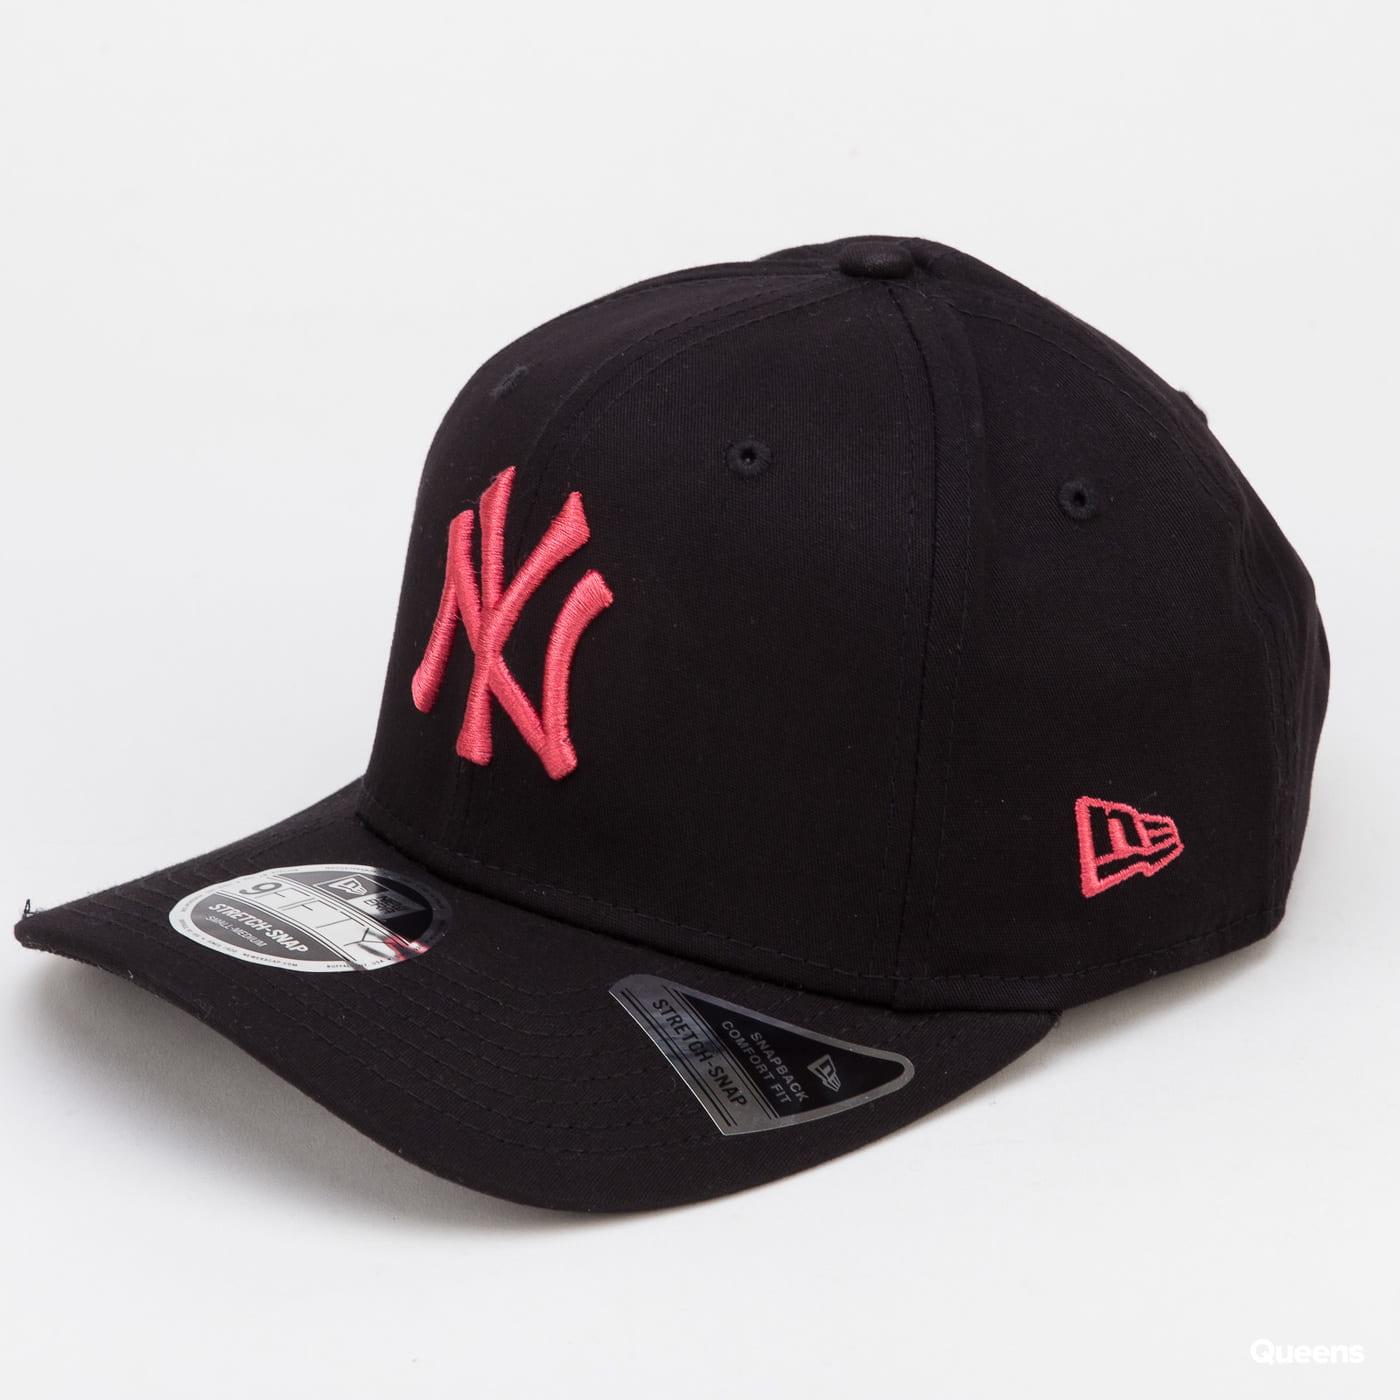 New Era 950 MLB League Stretch Snap NY black